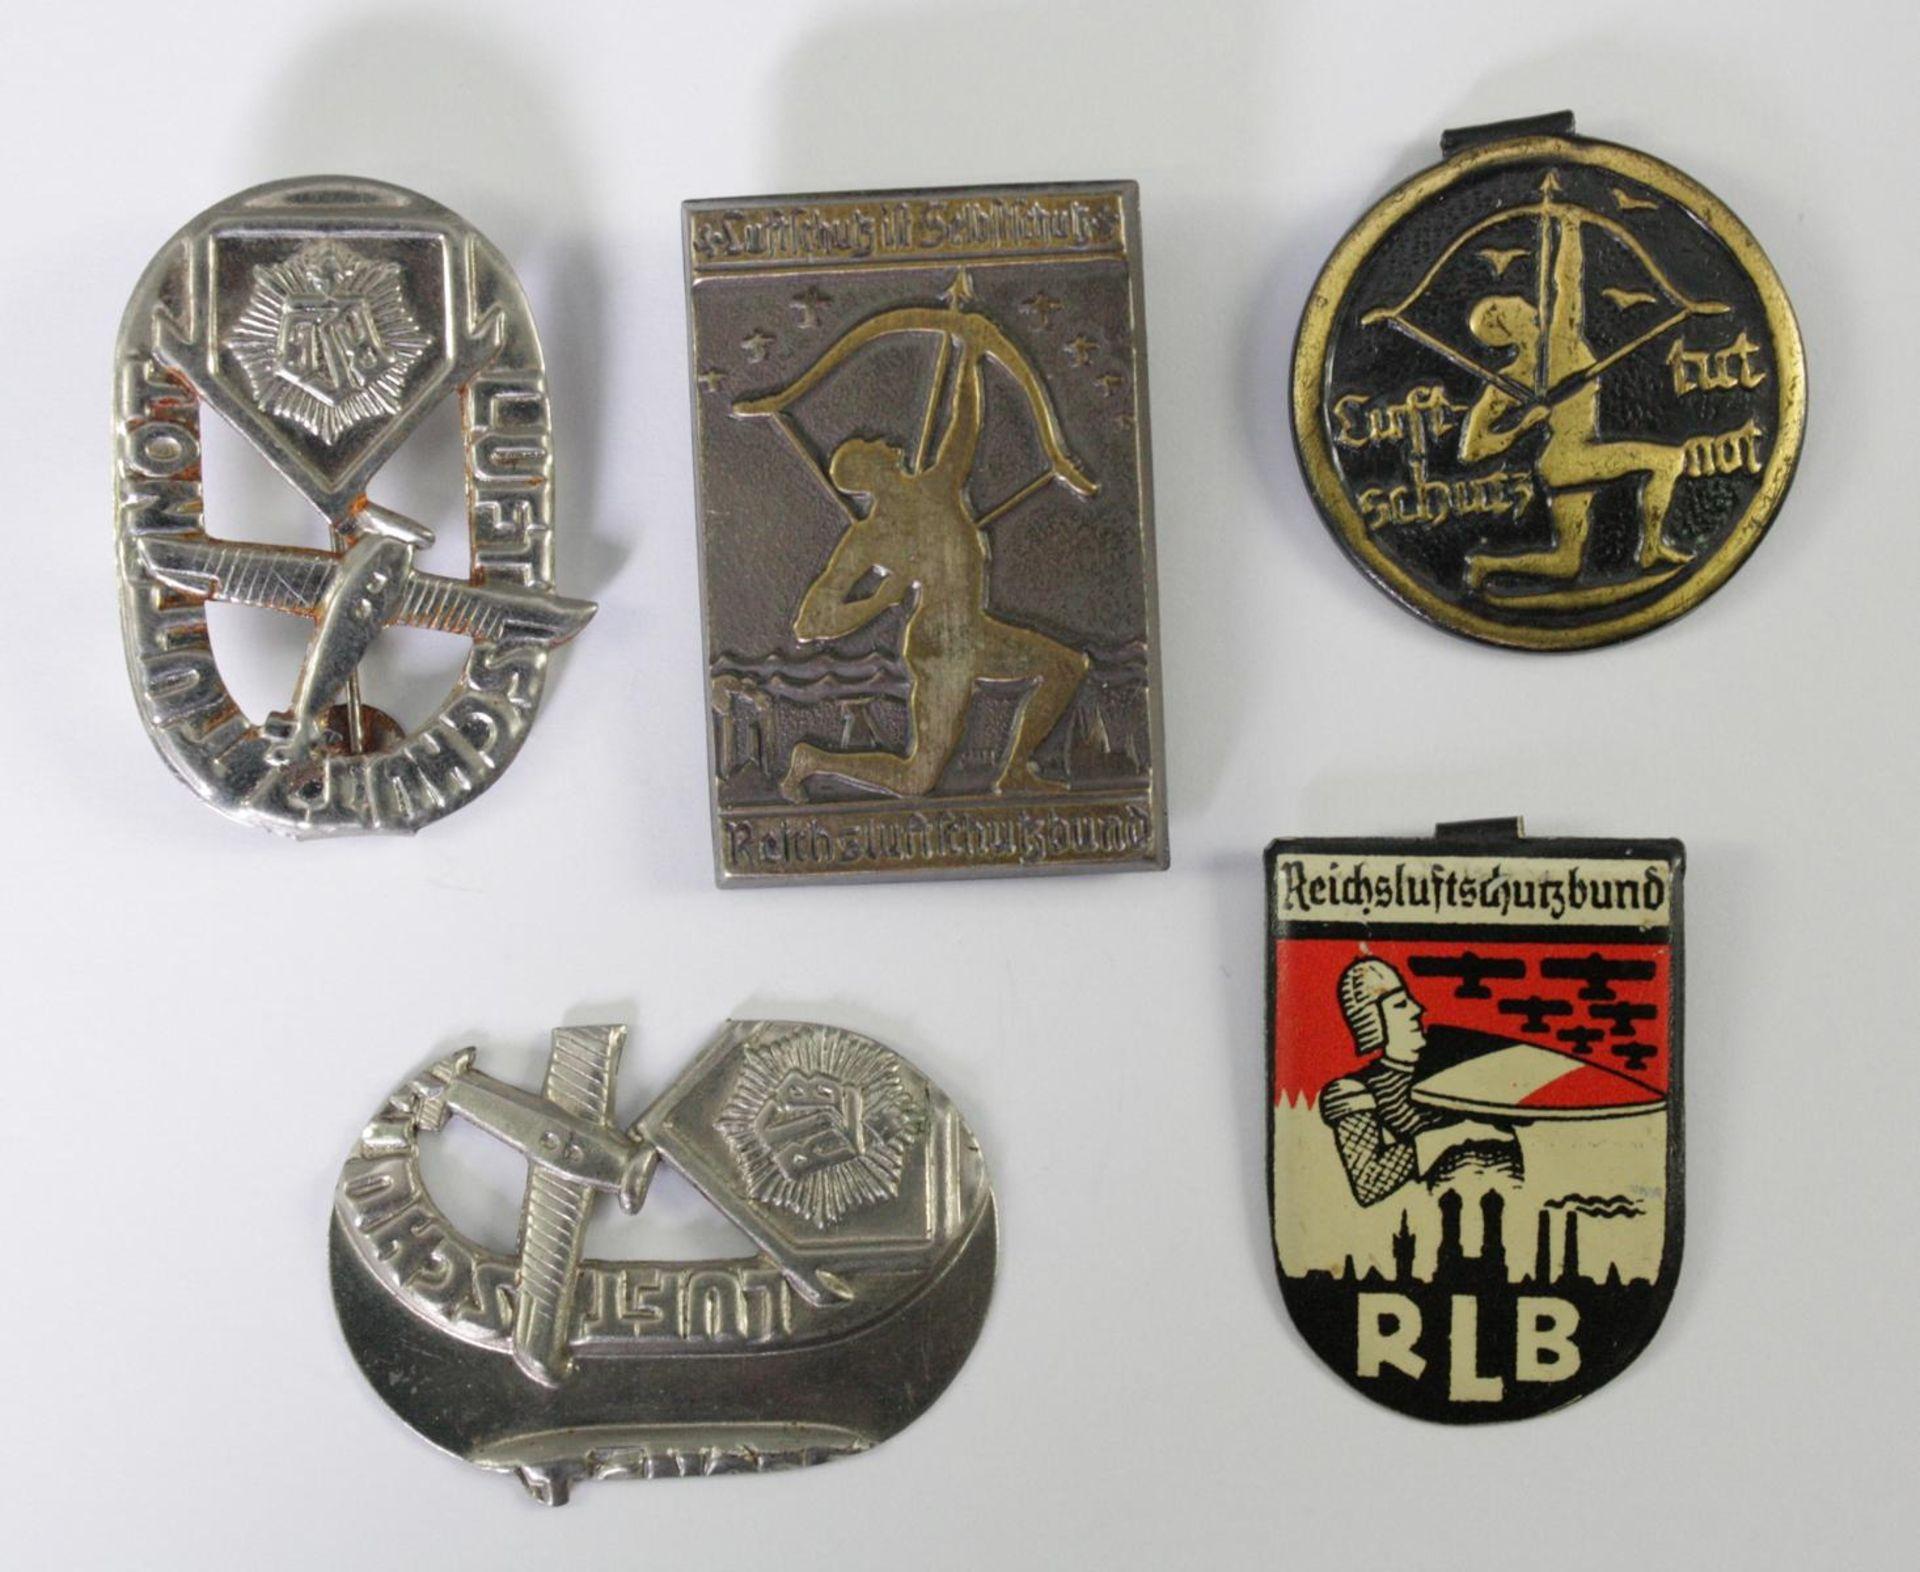 Kleinabzeichen Thema Luftschutz, RLB - Reichsluftschutzbund